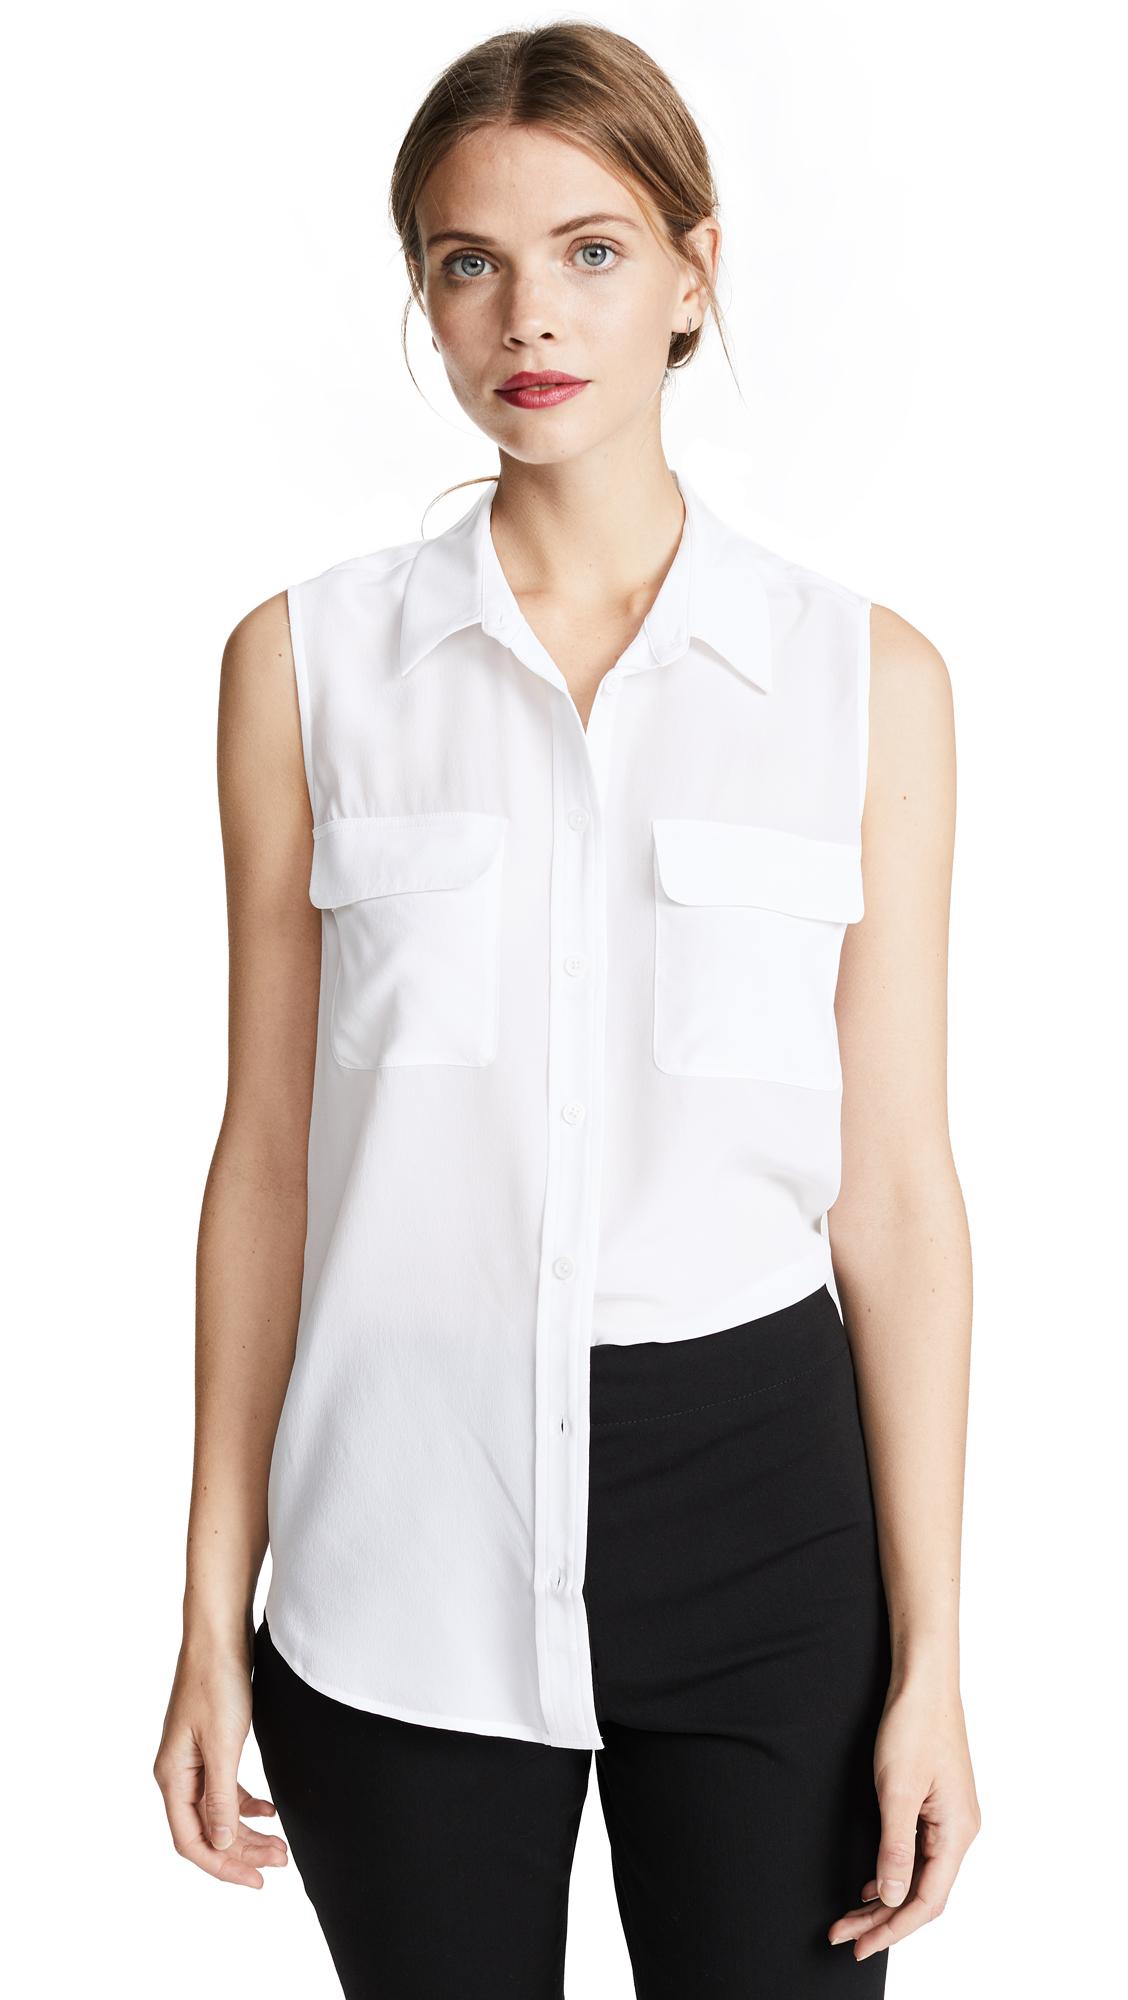 Equipment Sleeveless Slim Signature Blouse - Bright White